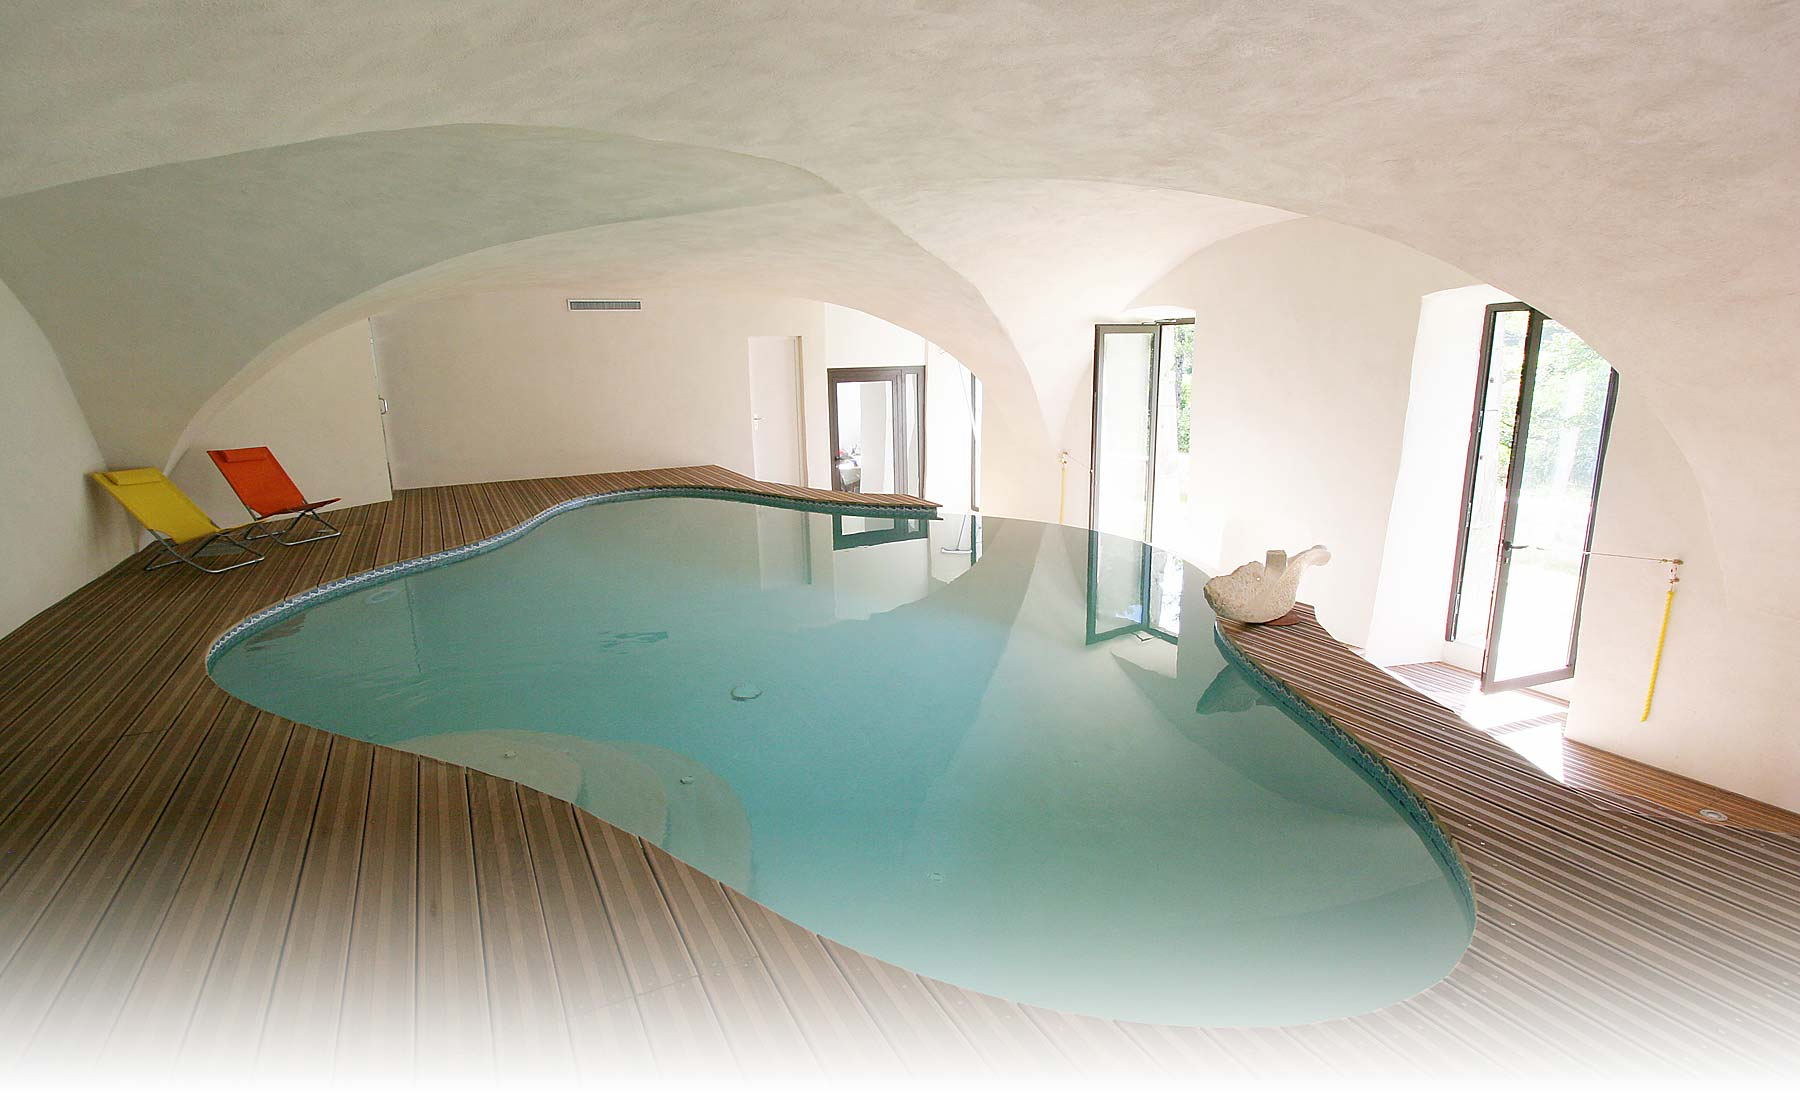 Chambres d 39 h tes de charme en ard che avec piscine et spa le moulinage - Chambres d hotes drome avec piscine ...